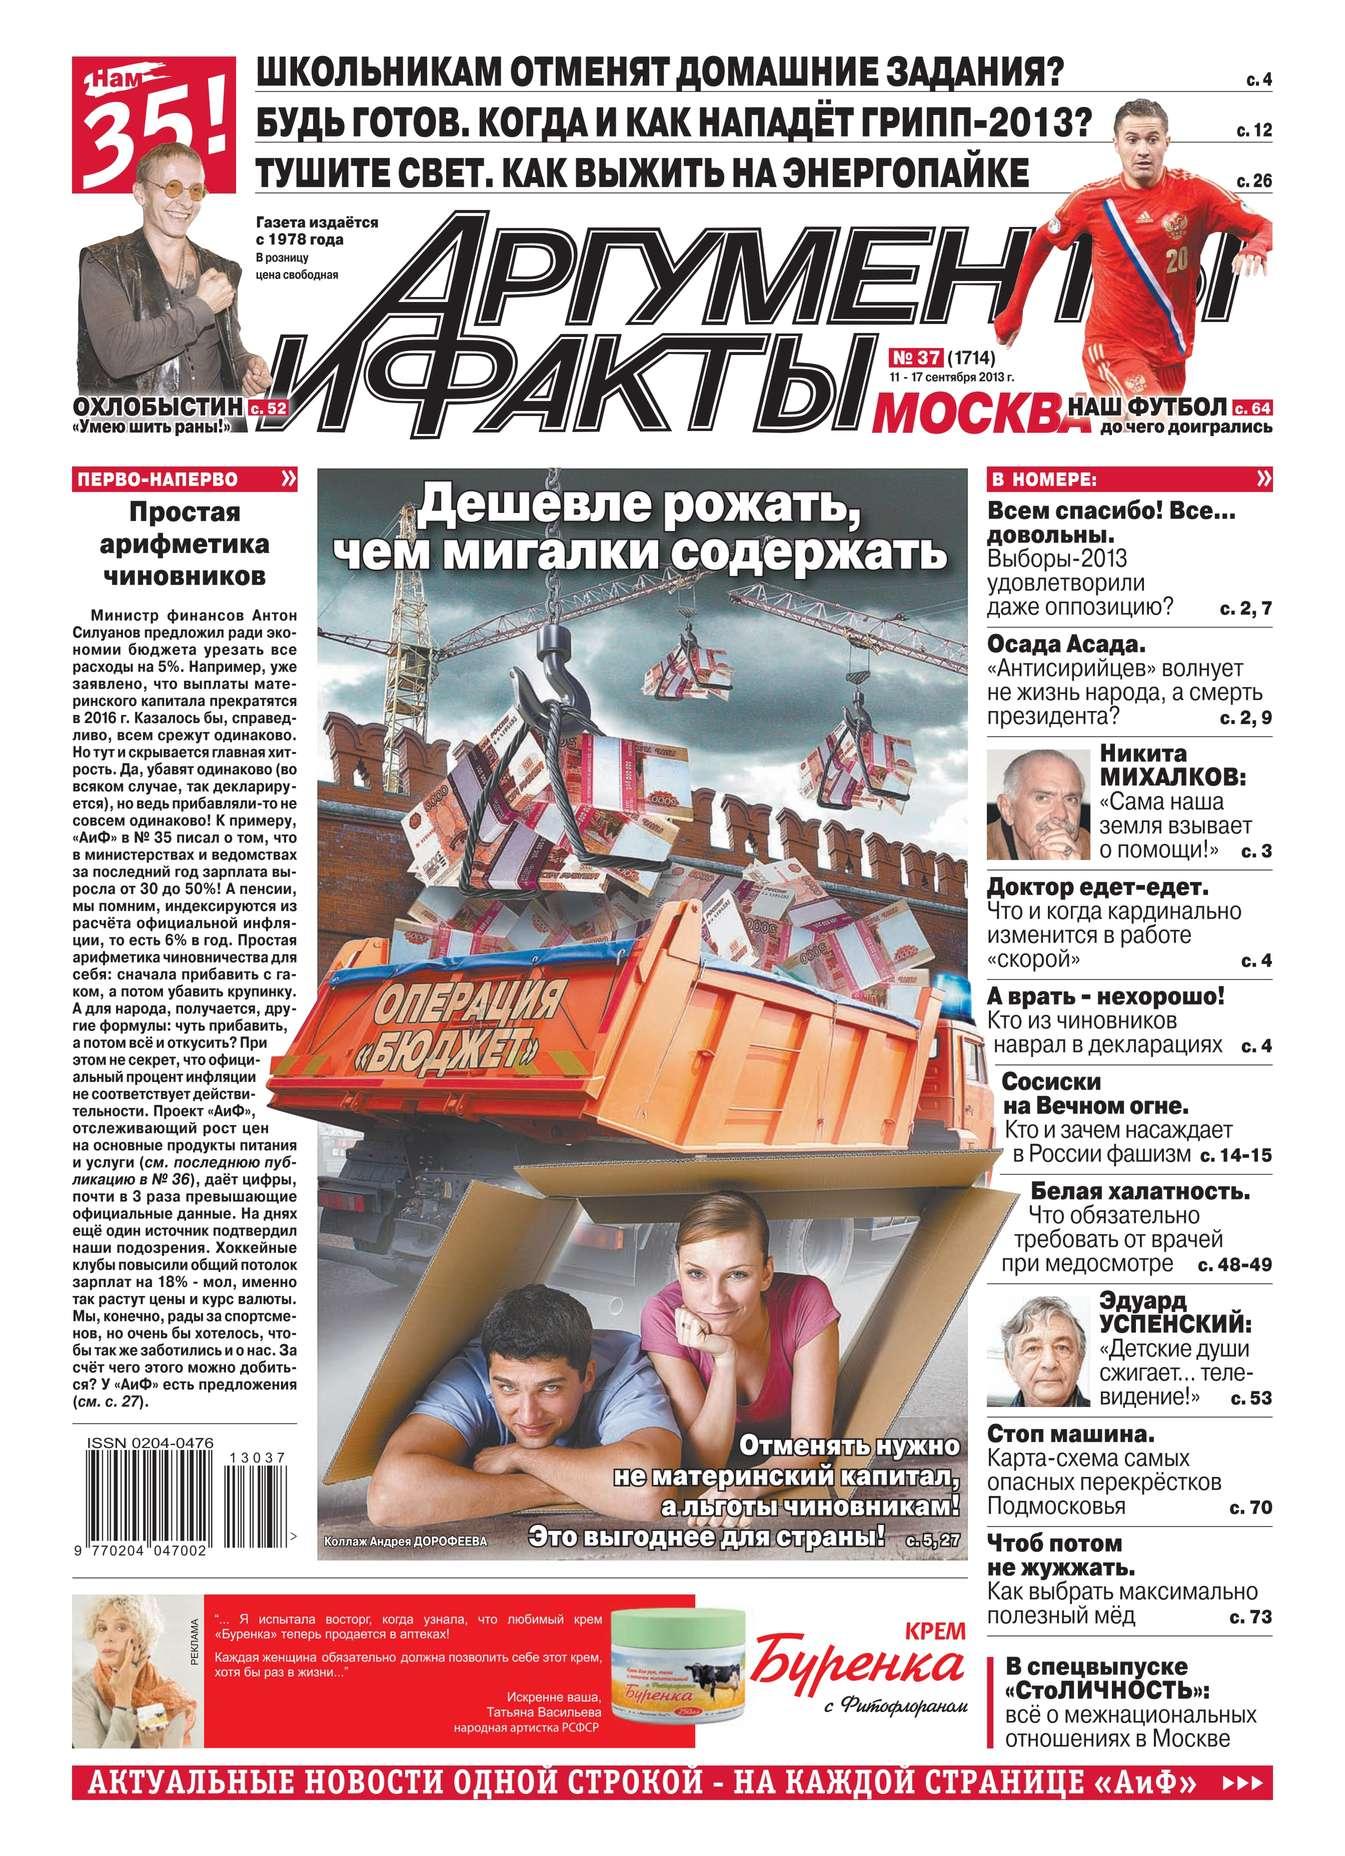 Редакция журнала Аиф. Про Кухню Аргументы и факты 37-2013